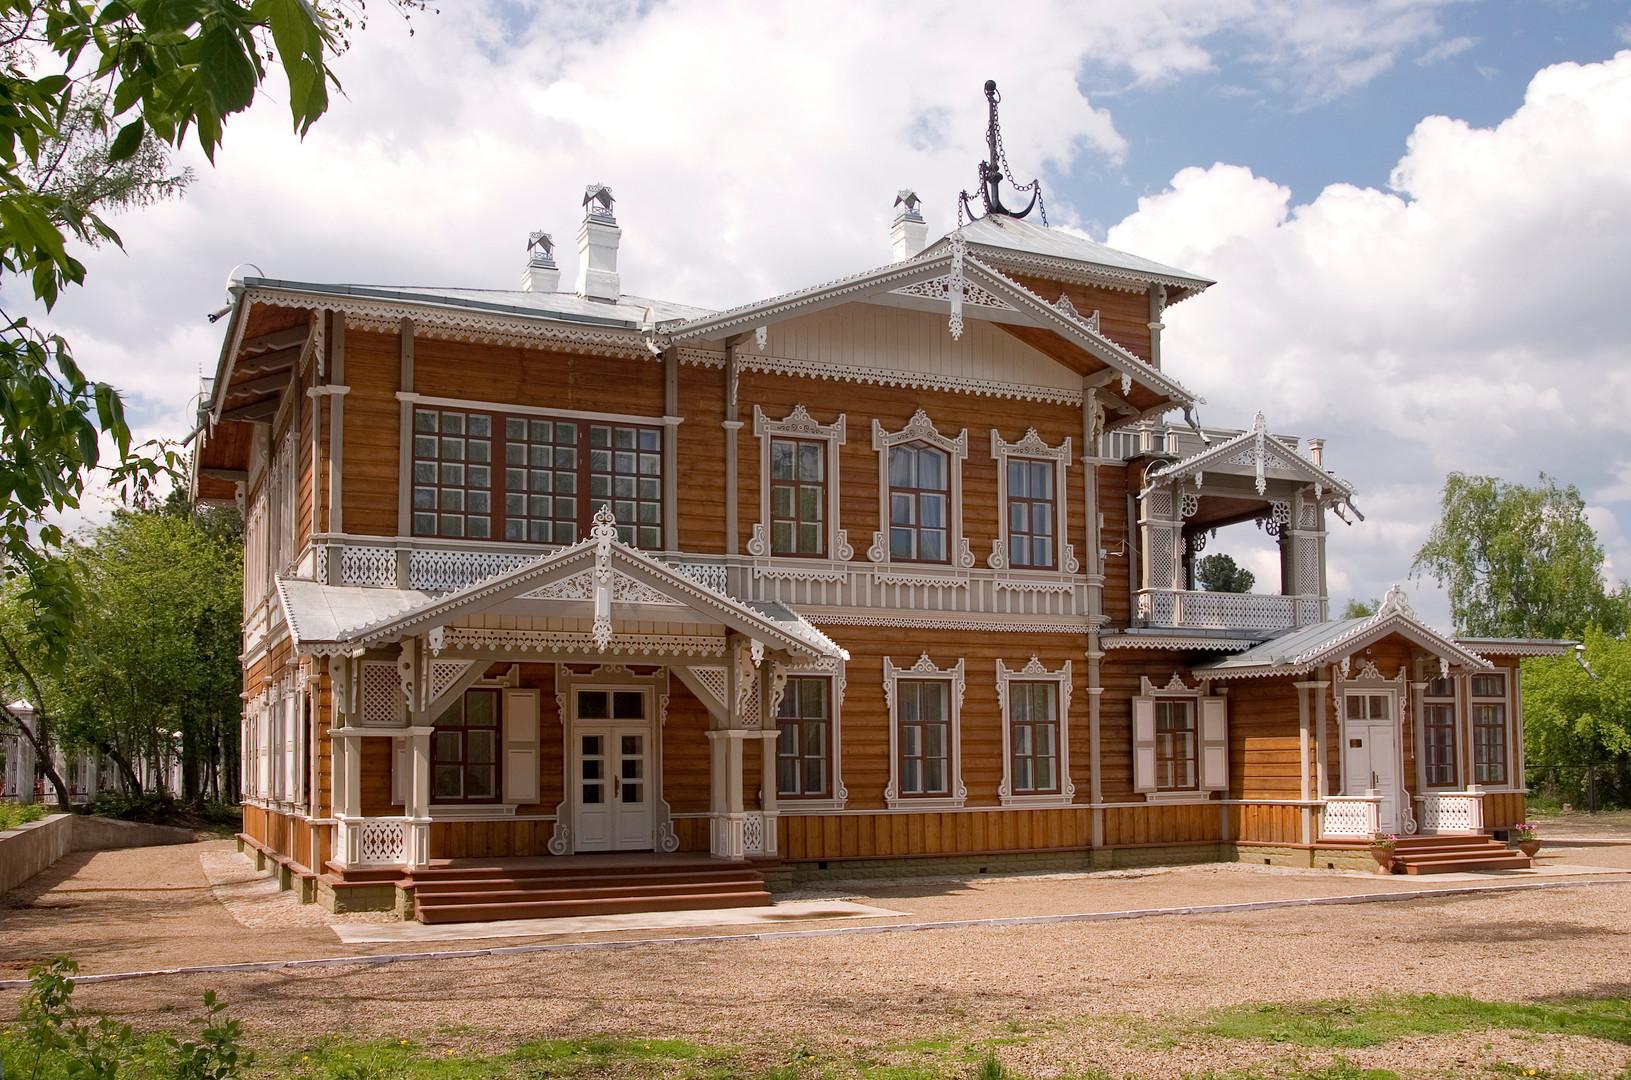 Anwesen von W. P. Sukatschew, Bau Ende des 19. Jahrhunderts, heute eine Gemäldegalerie